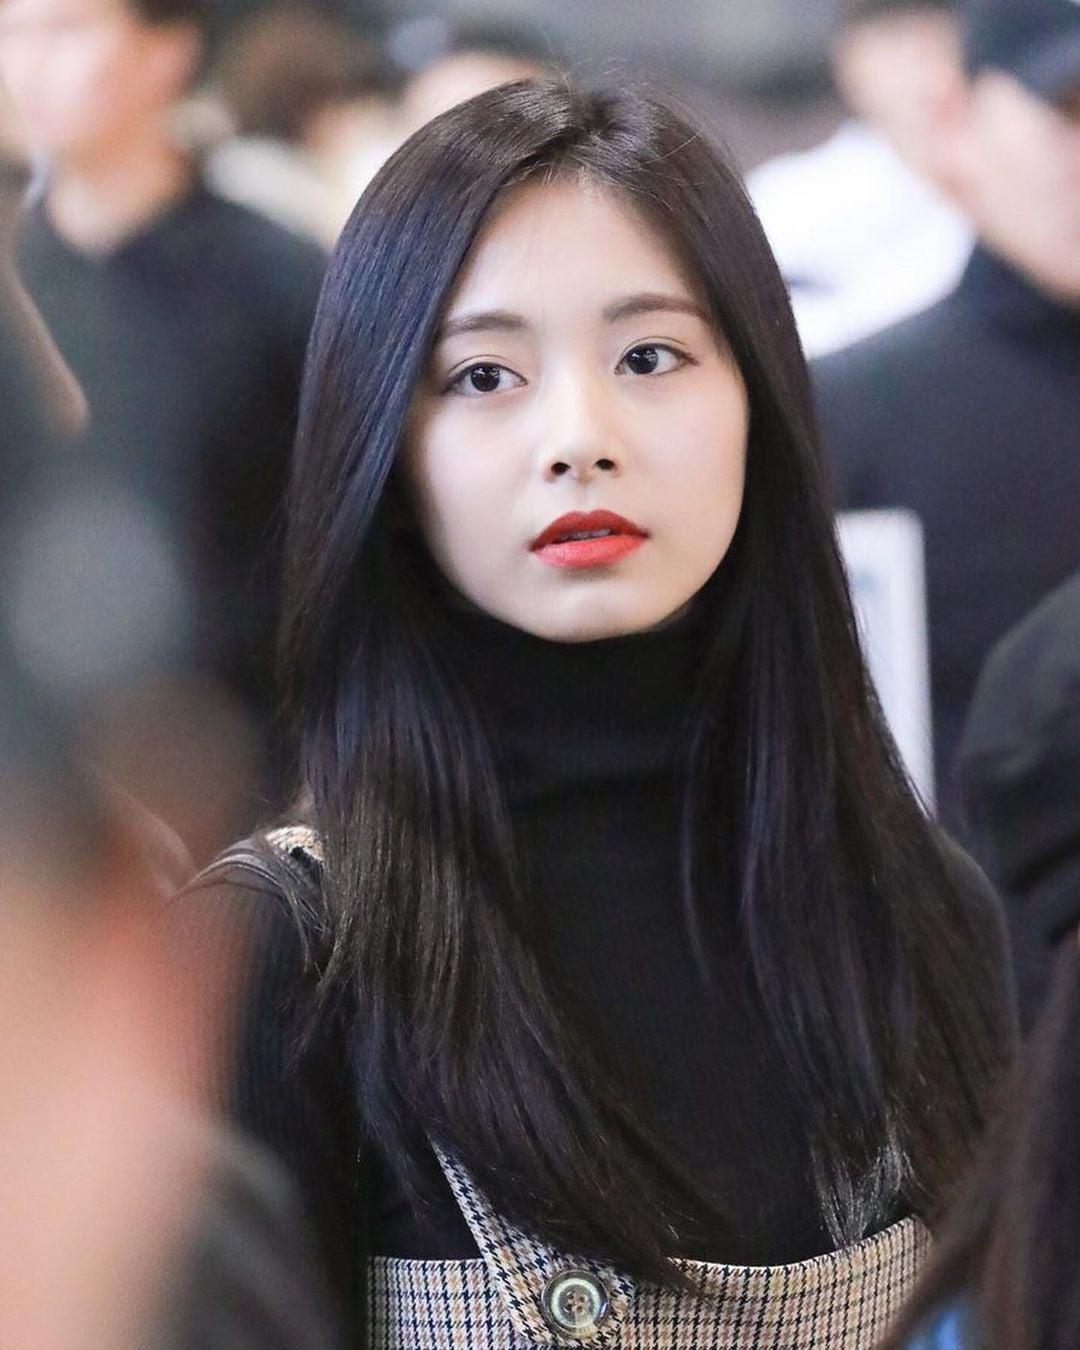 Trong một lần ra sân bay với kiểu làm đẹp tóc đen, môi đỏ, Tzuyu được nhận xét trông như Bạch Tuyết.